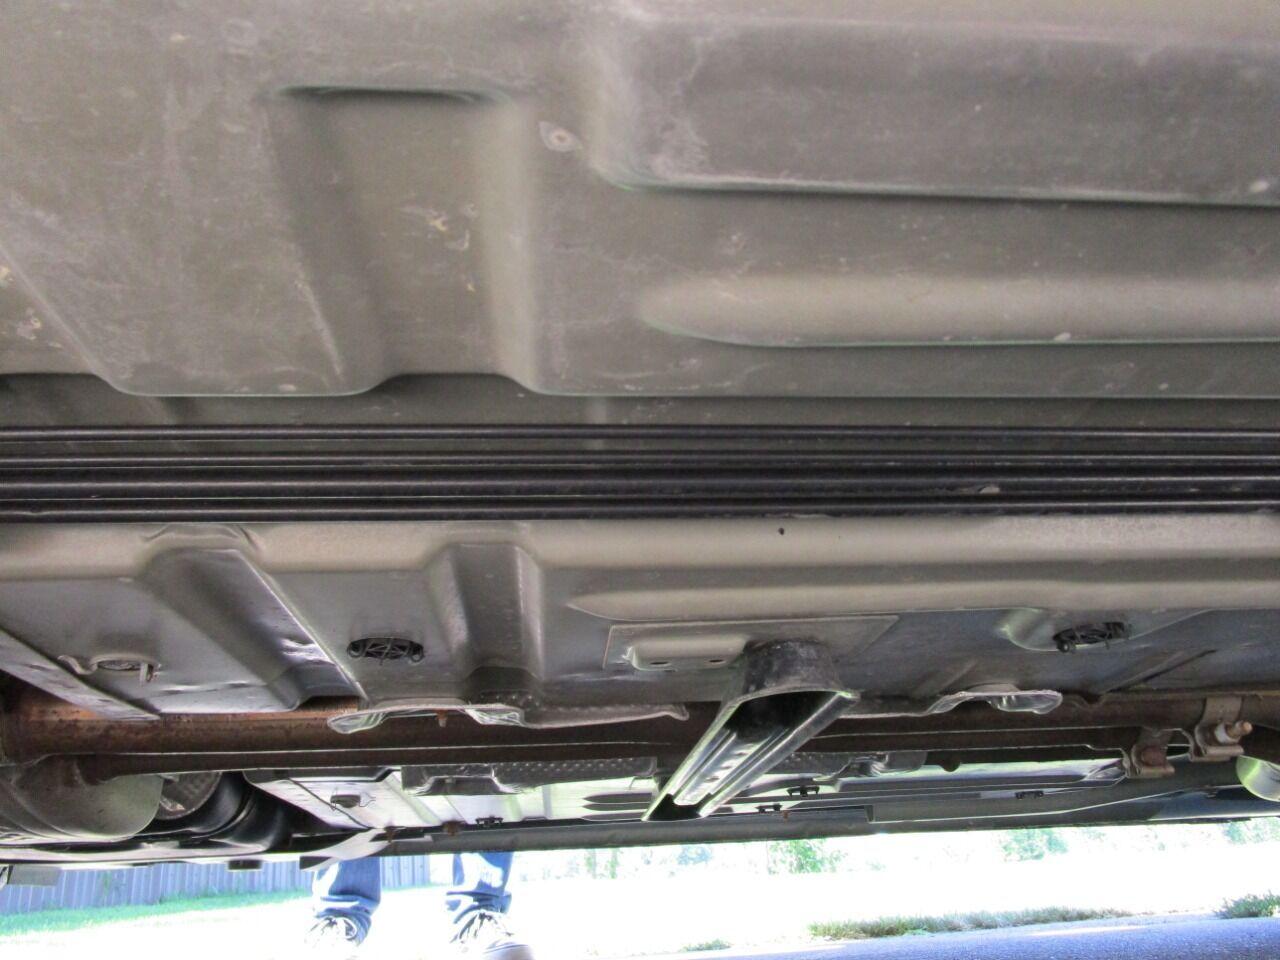 2006 Chrysler 300 77